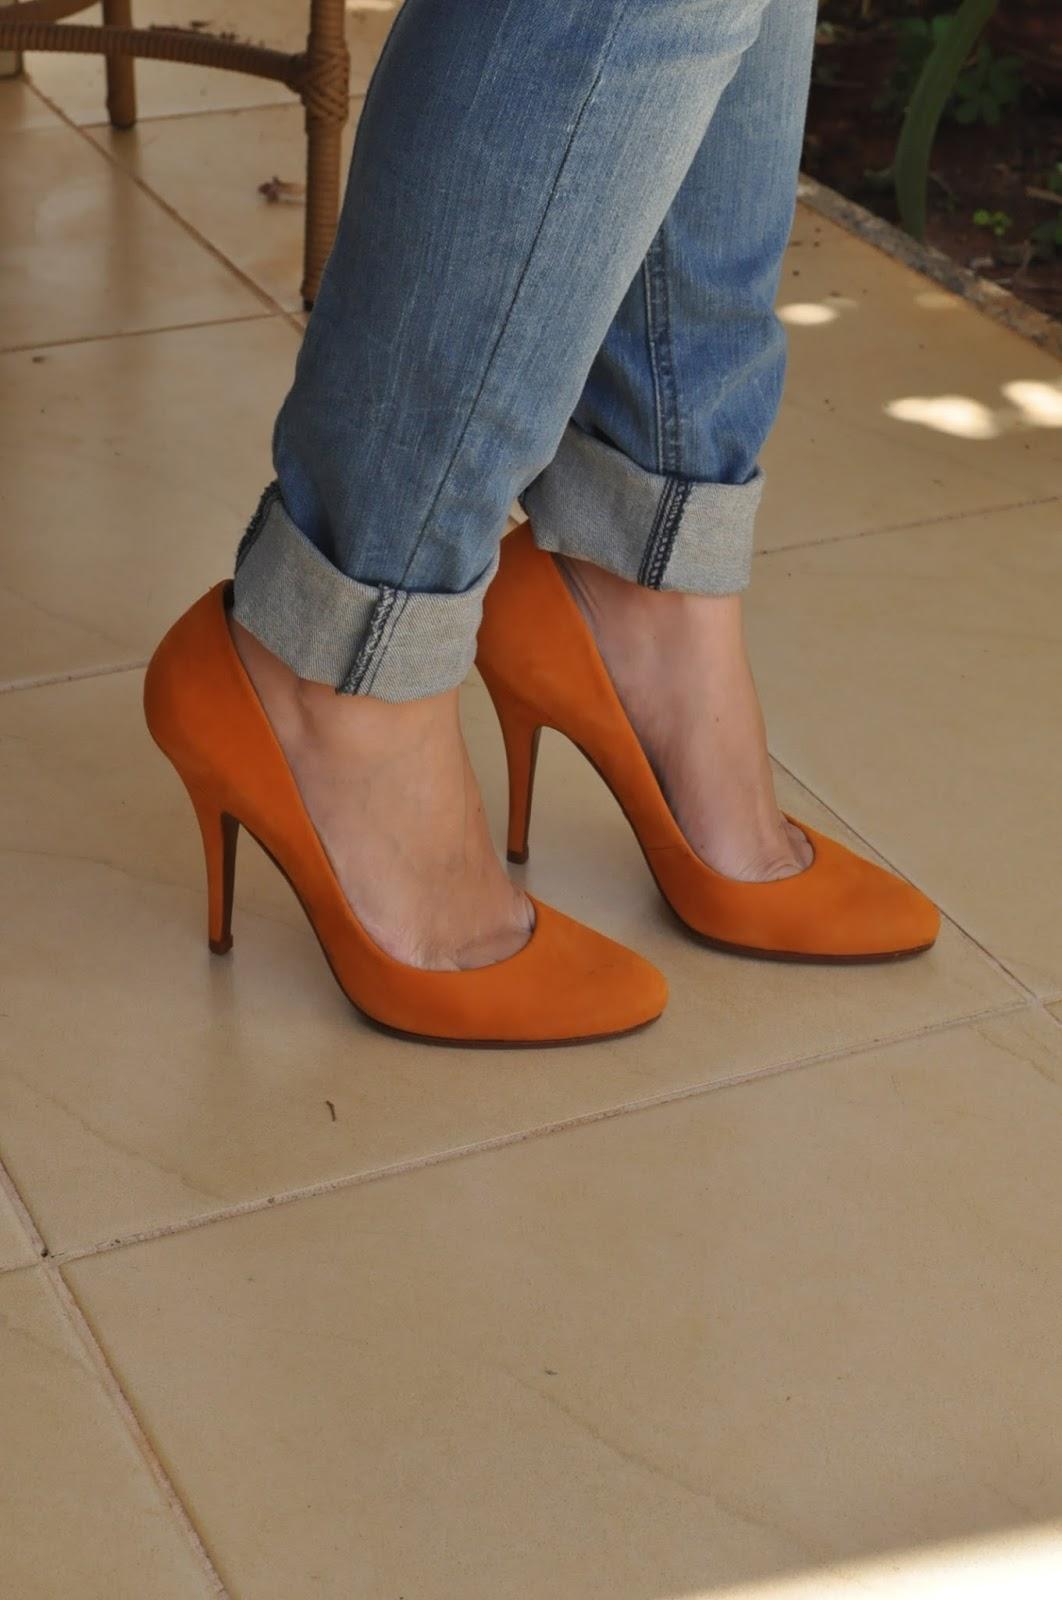 scarpin laranja